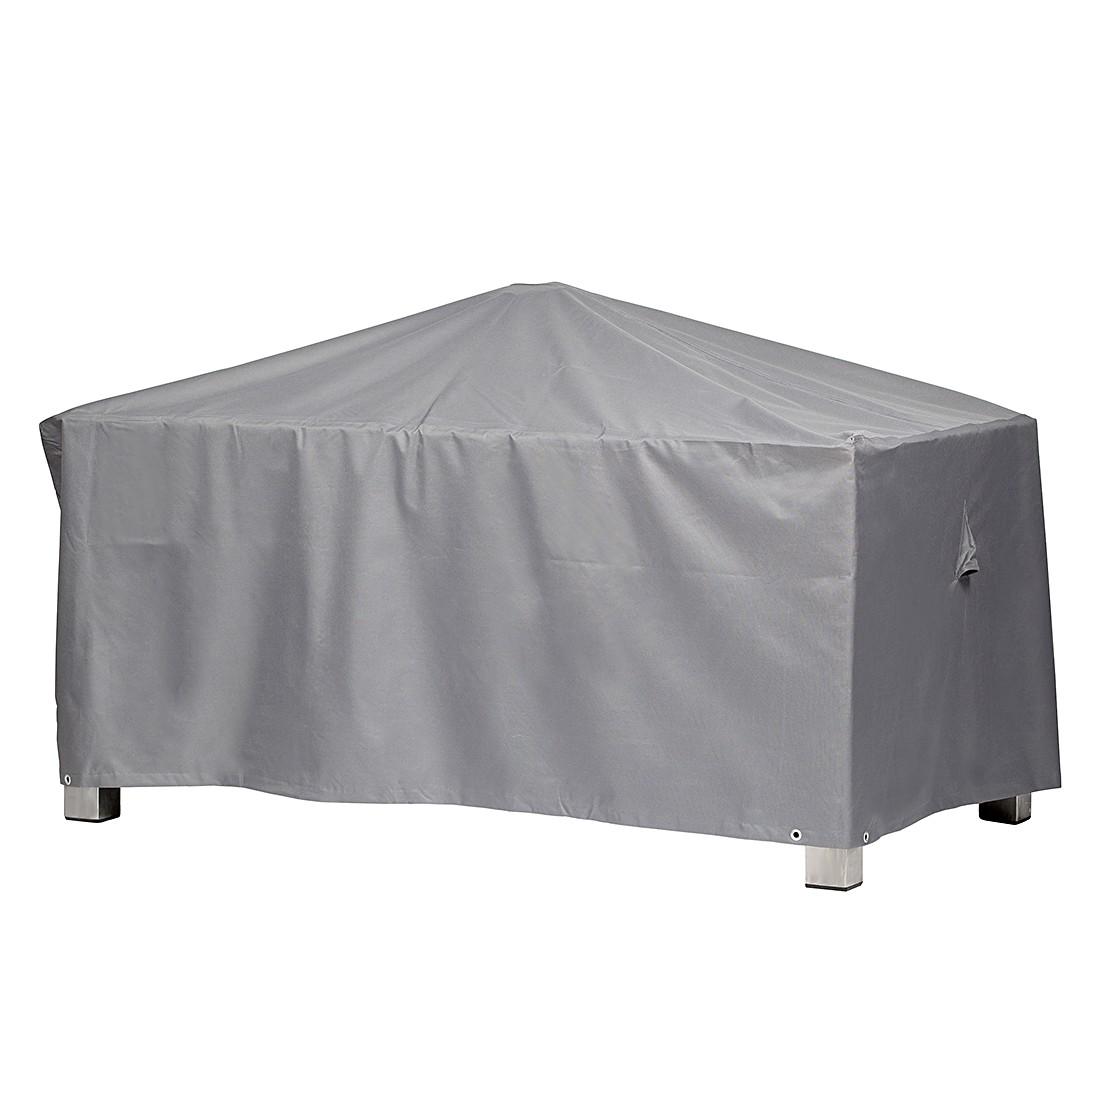 Schutzhülle Premium für rechteckigen Gartentisch (185 x 105 cm) - Polyester, mehr Garten